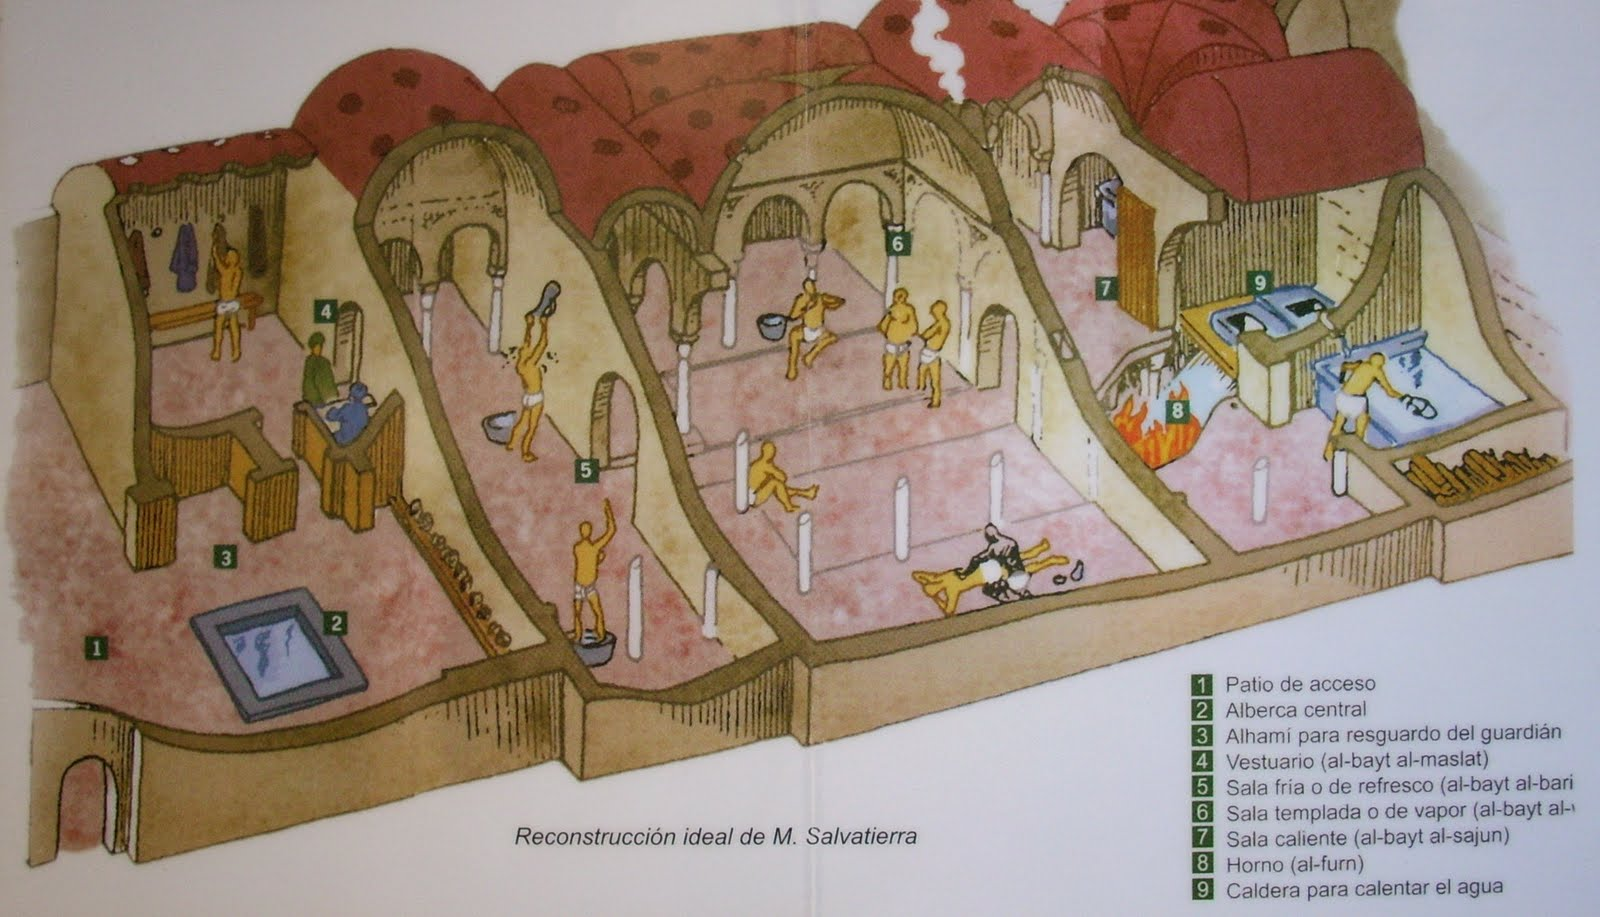 Baño Arabe En Granada:de granada es uno de los mejores baños árabes conservados en